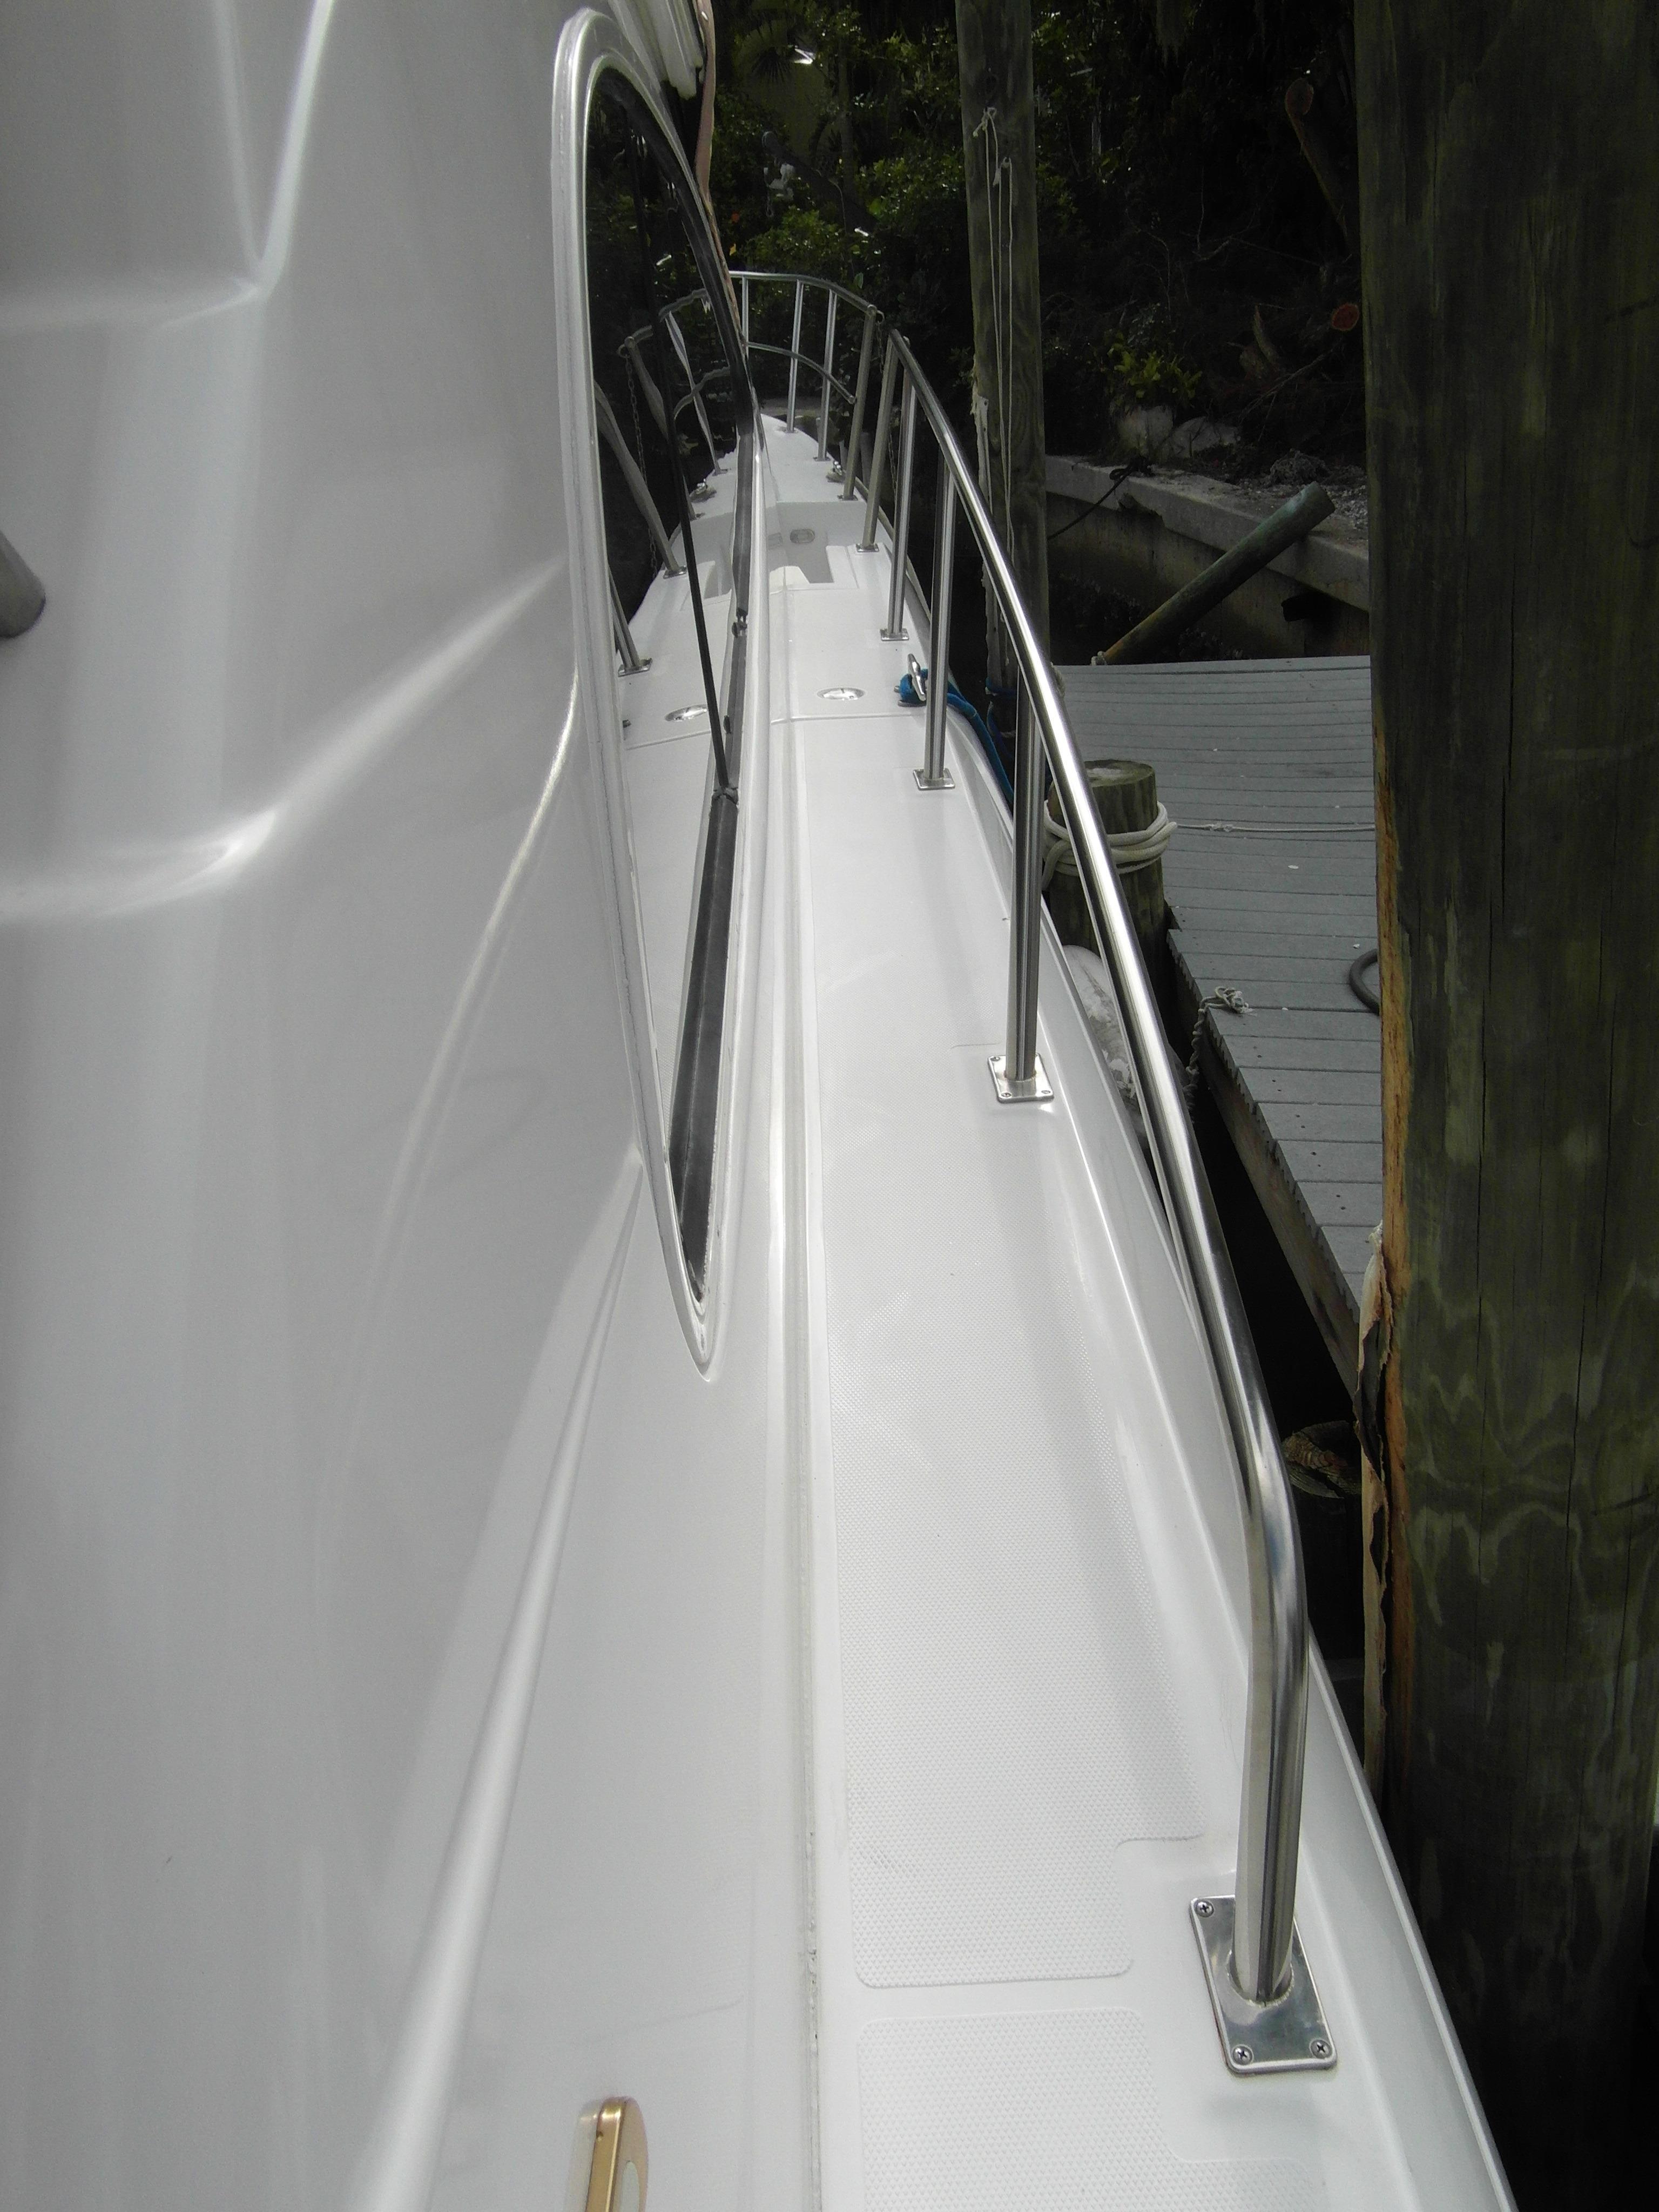 2001 Cruisers 50 Starboard Walkaround